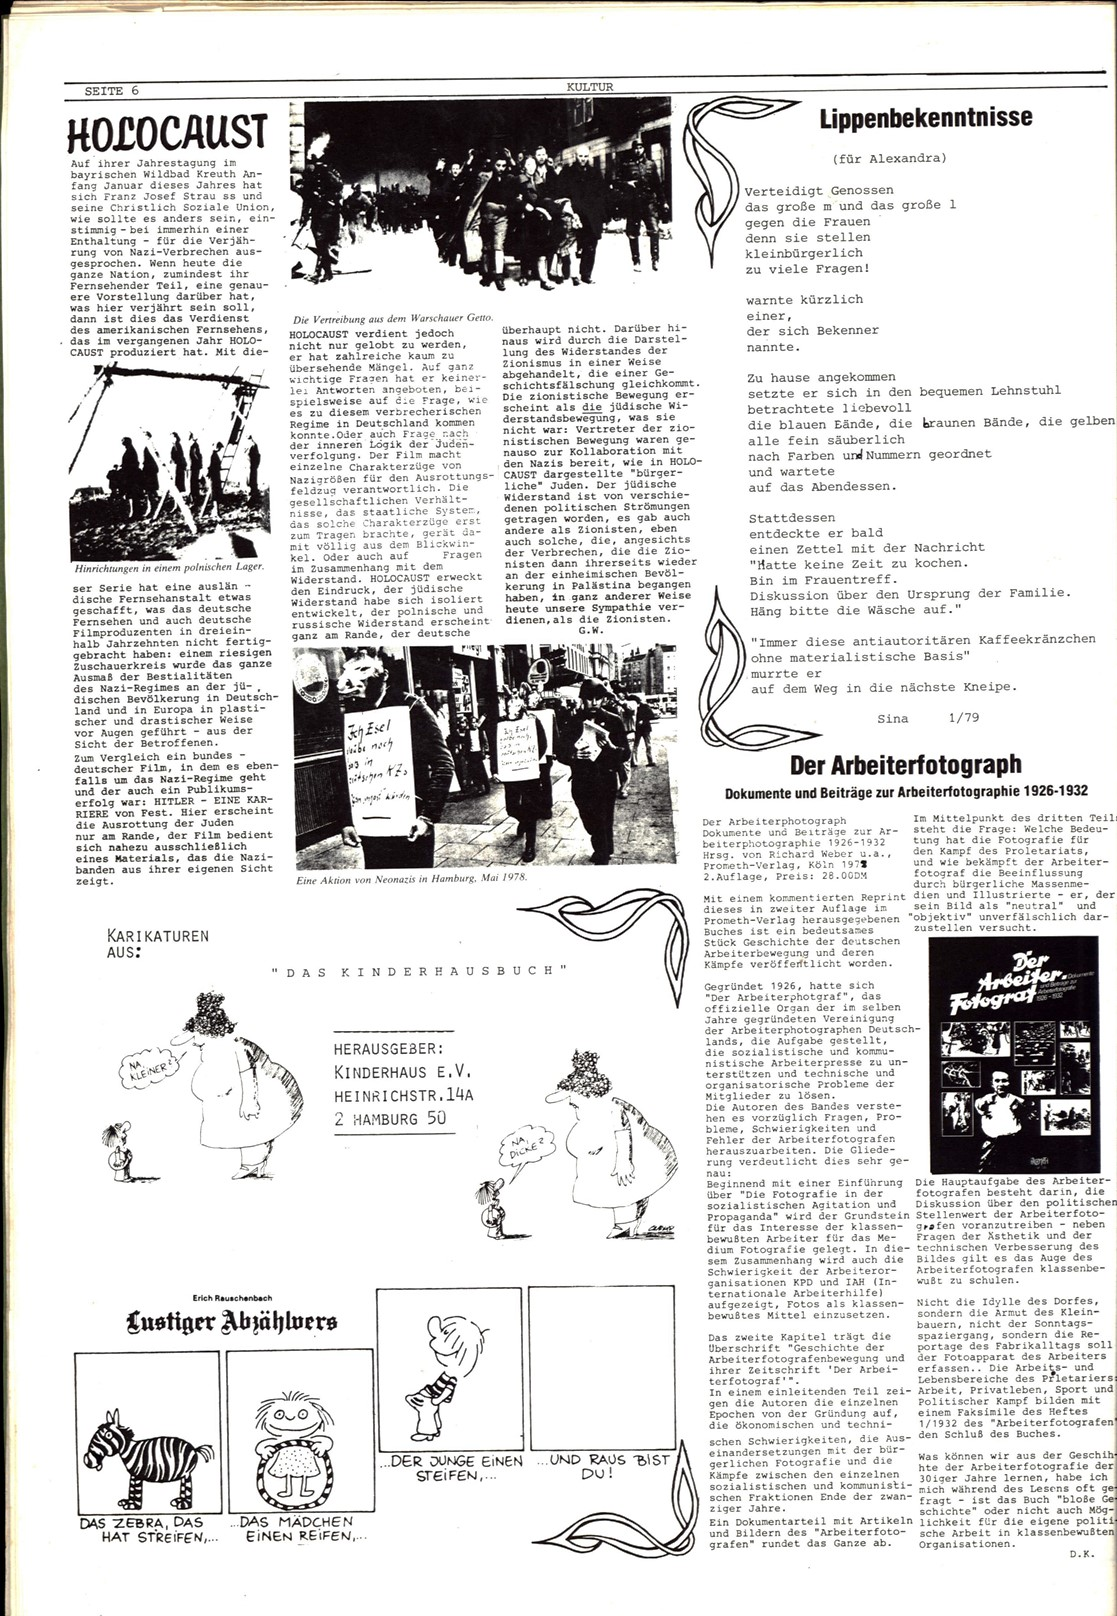 Bonner_Volksblatt_21_19790130_06